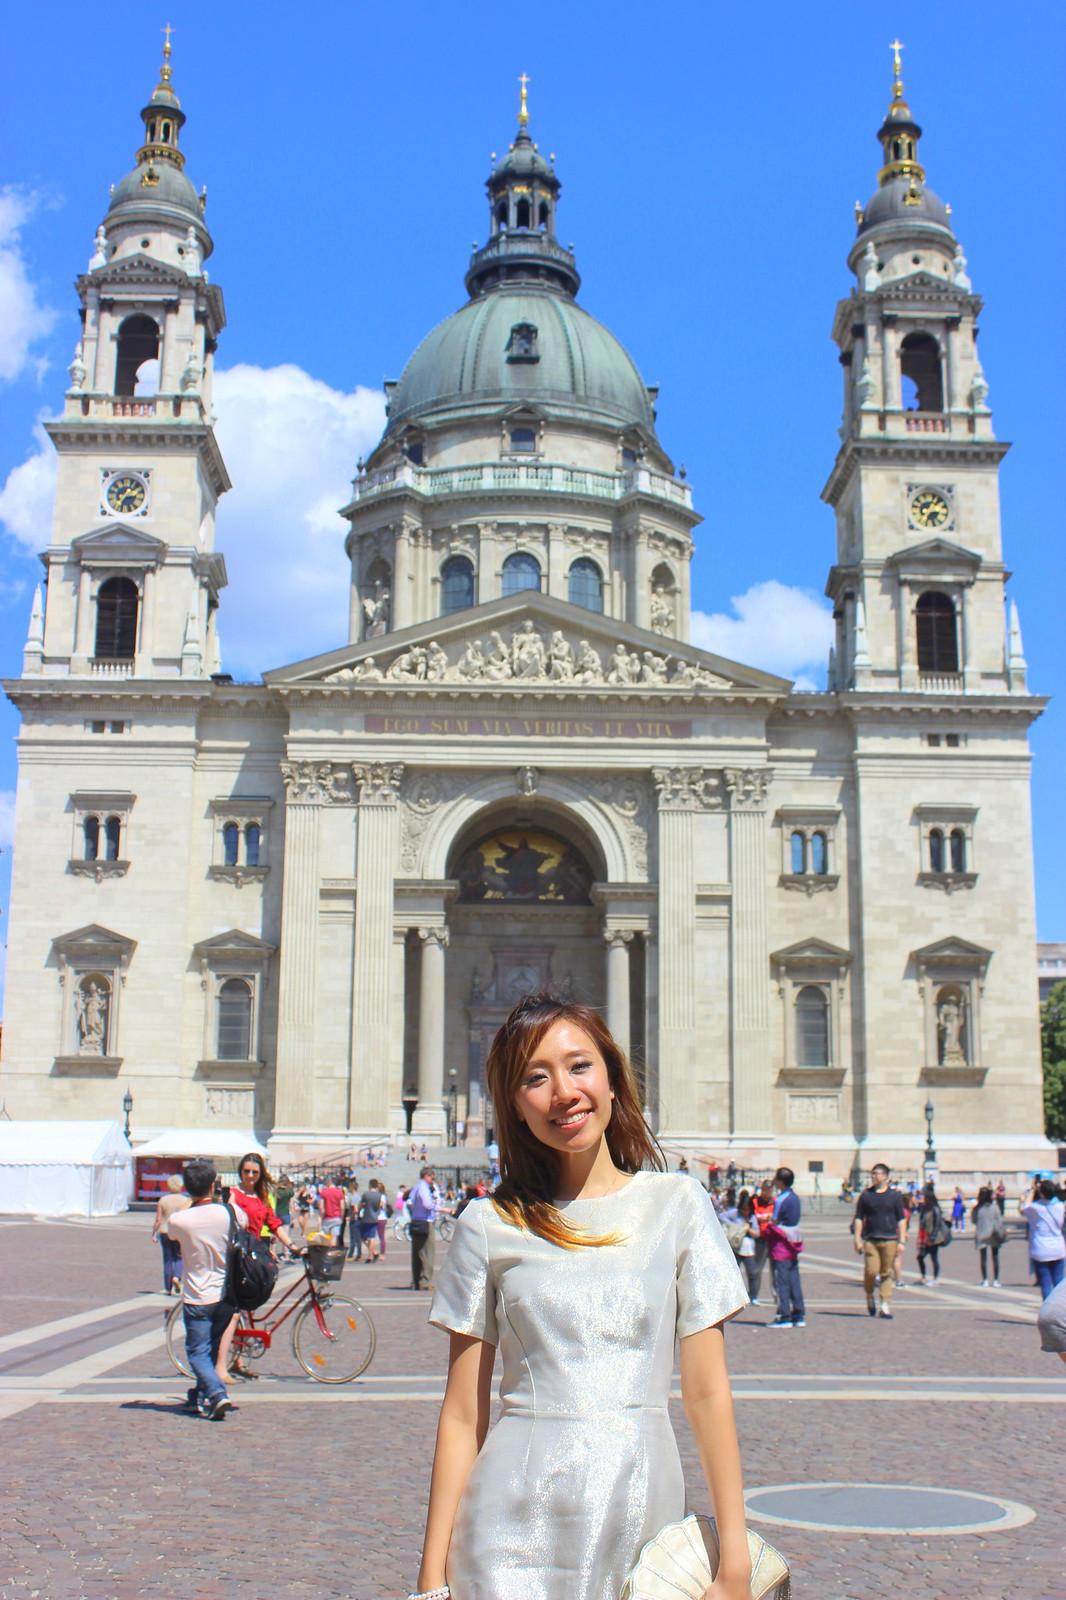 st stephan basilica